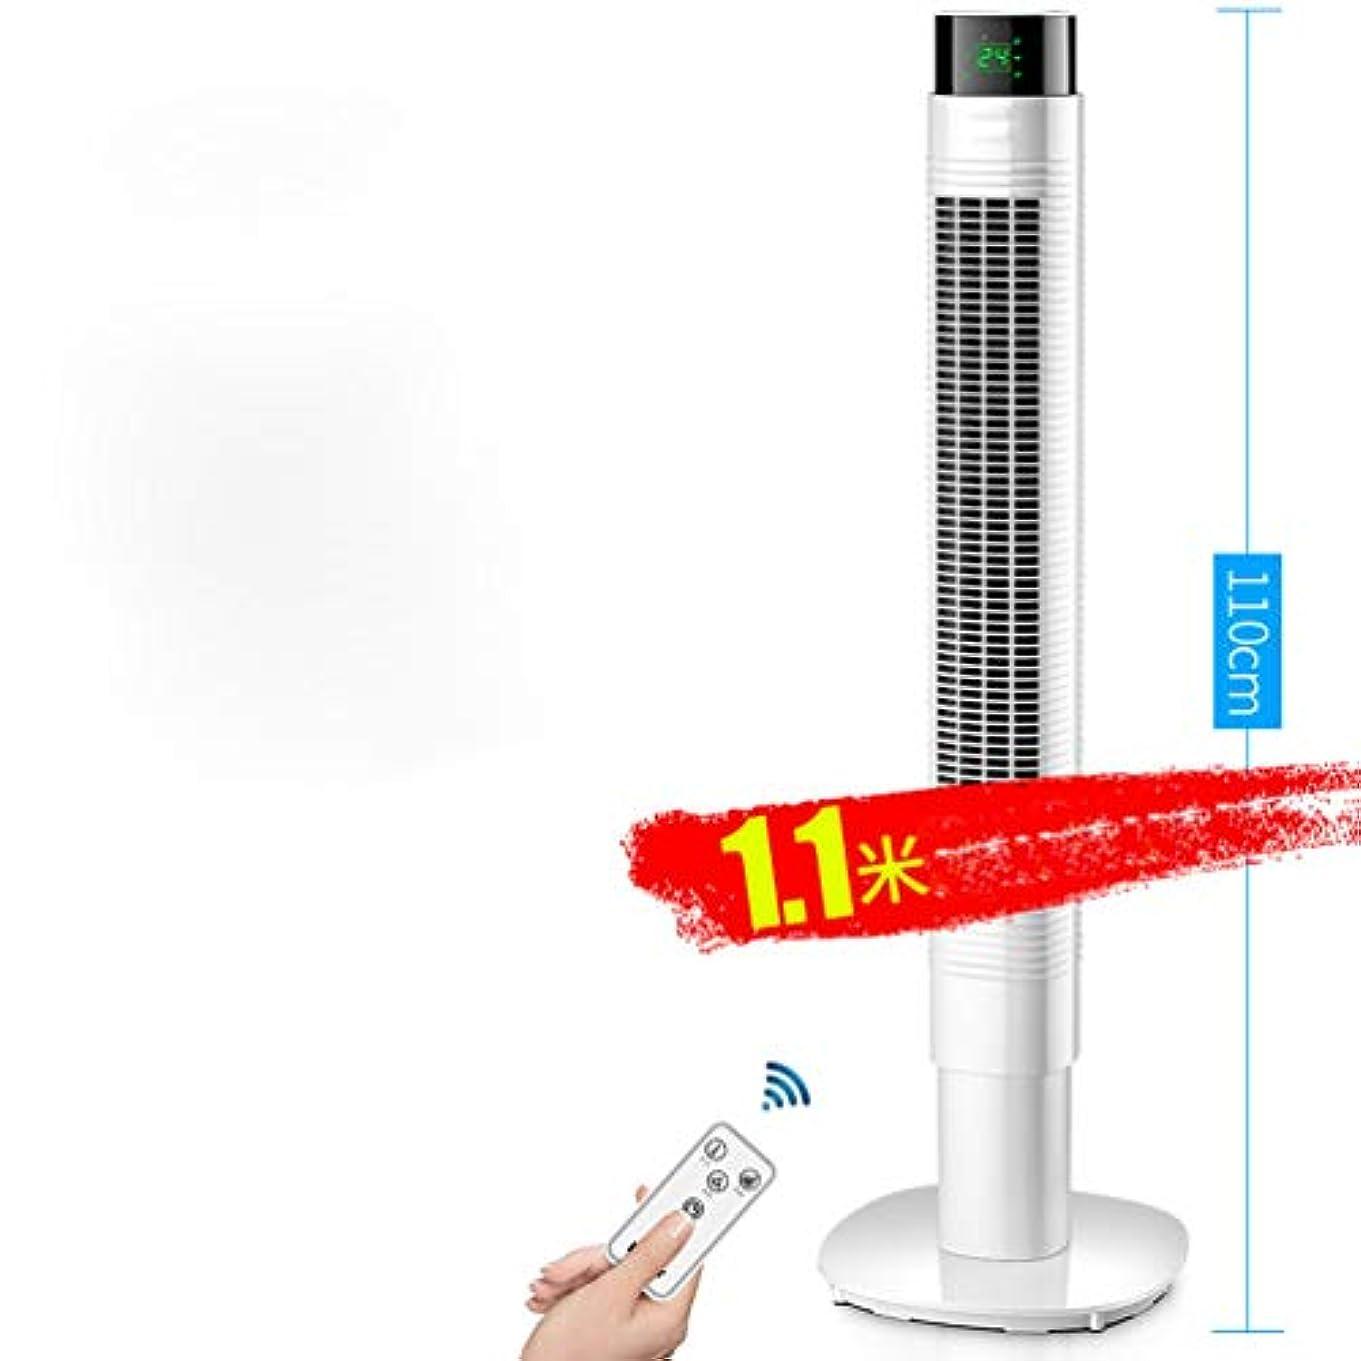 欺く爵出身地扇風機 タワーファン スリム, 左右自動首振りタワーファンリモコン付き パワフル送風 風量3段階 静音モード DCモーター搭載 タイマー機能 9時間 60W,With remote control